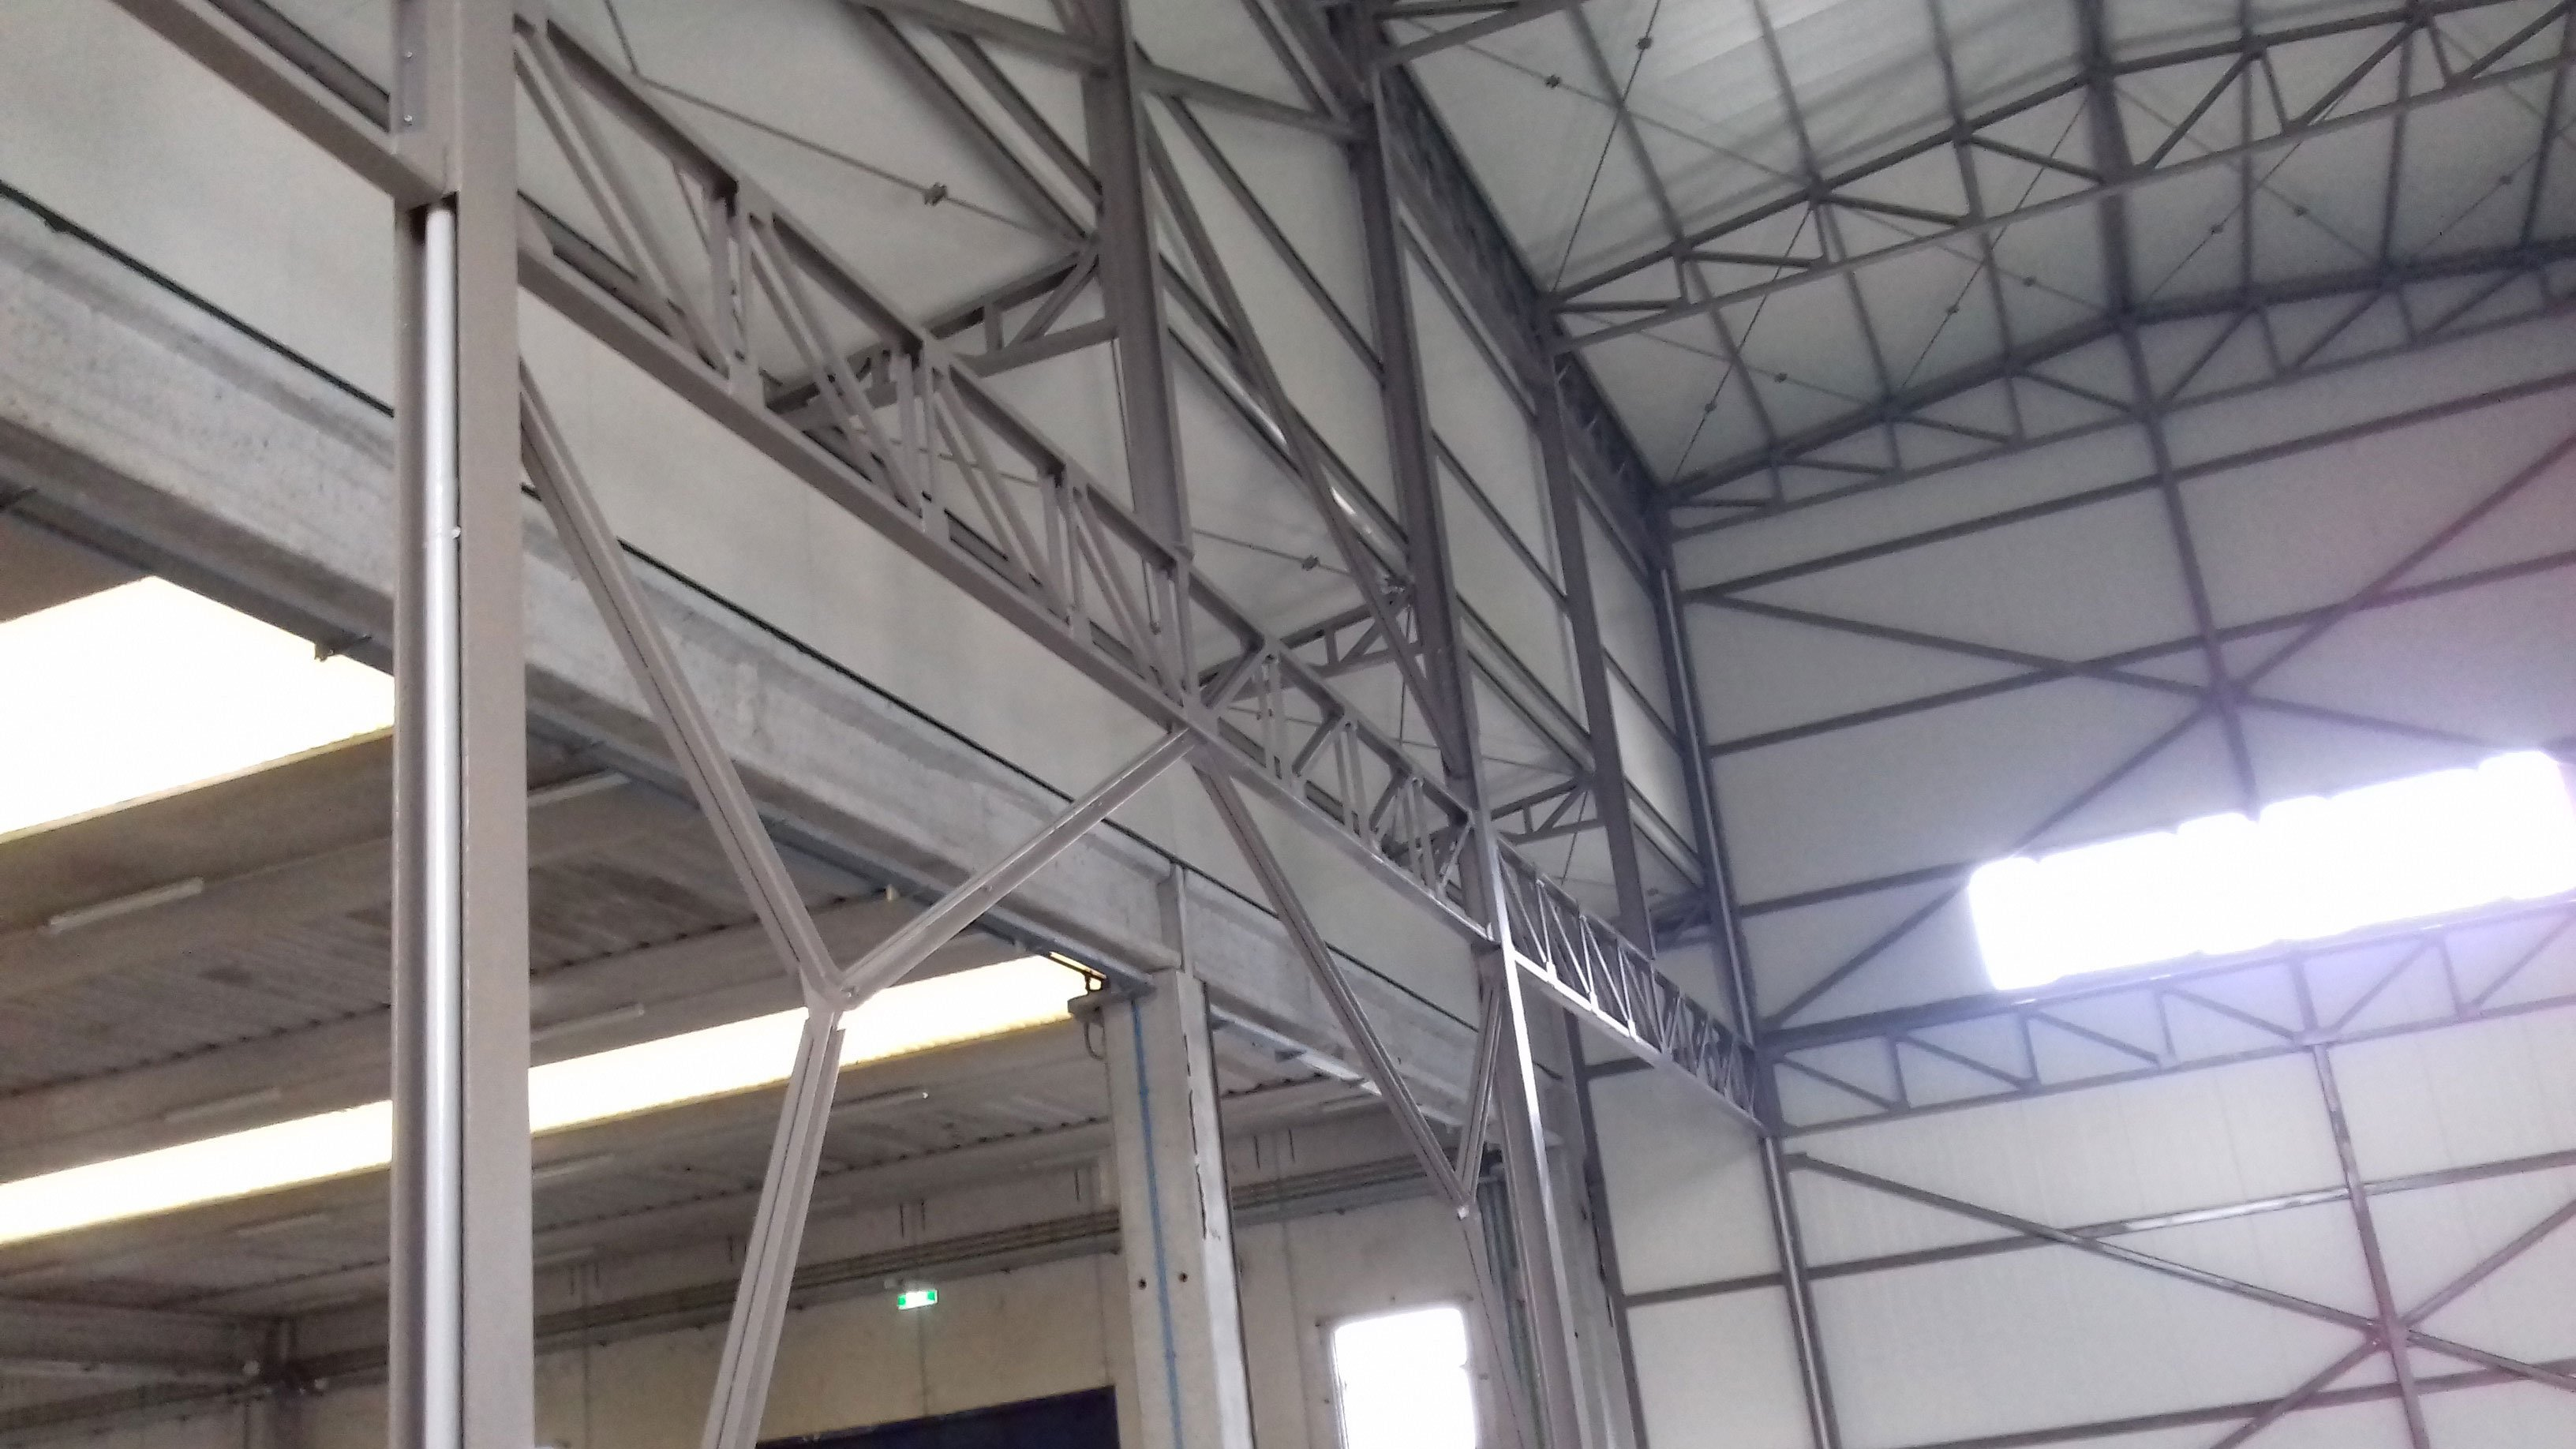 strutture in ferro che sorreggono il tetto del magazzino